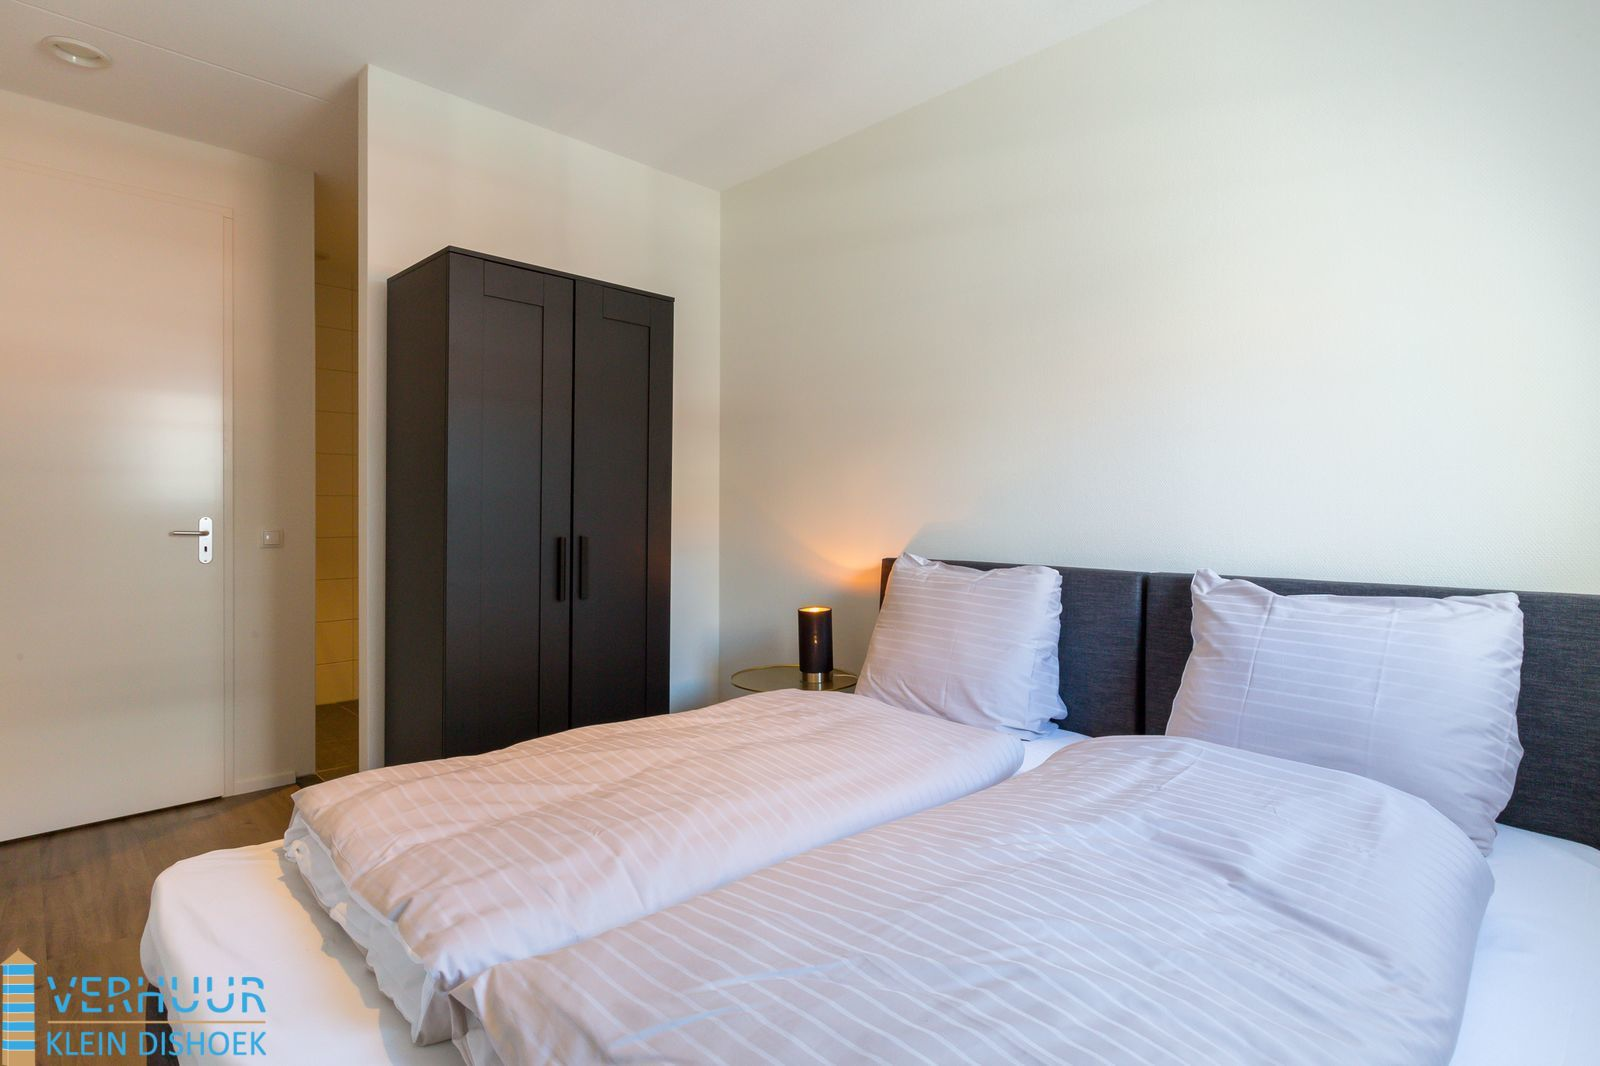 Vakantieappartement Duinhof Dishoek Luxe 6 personen